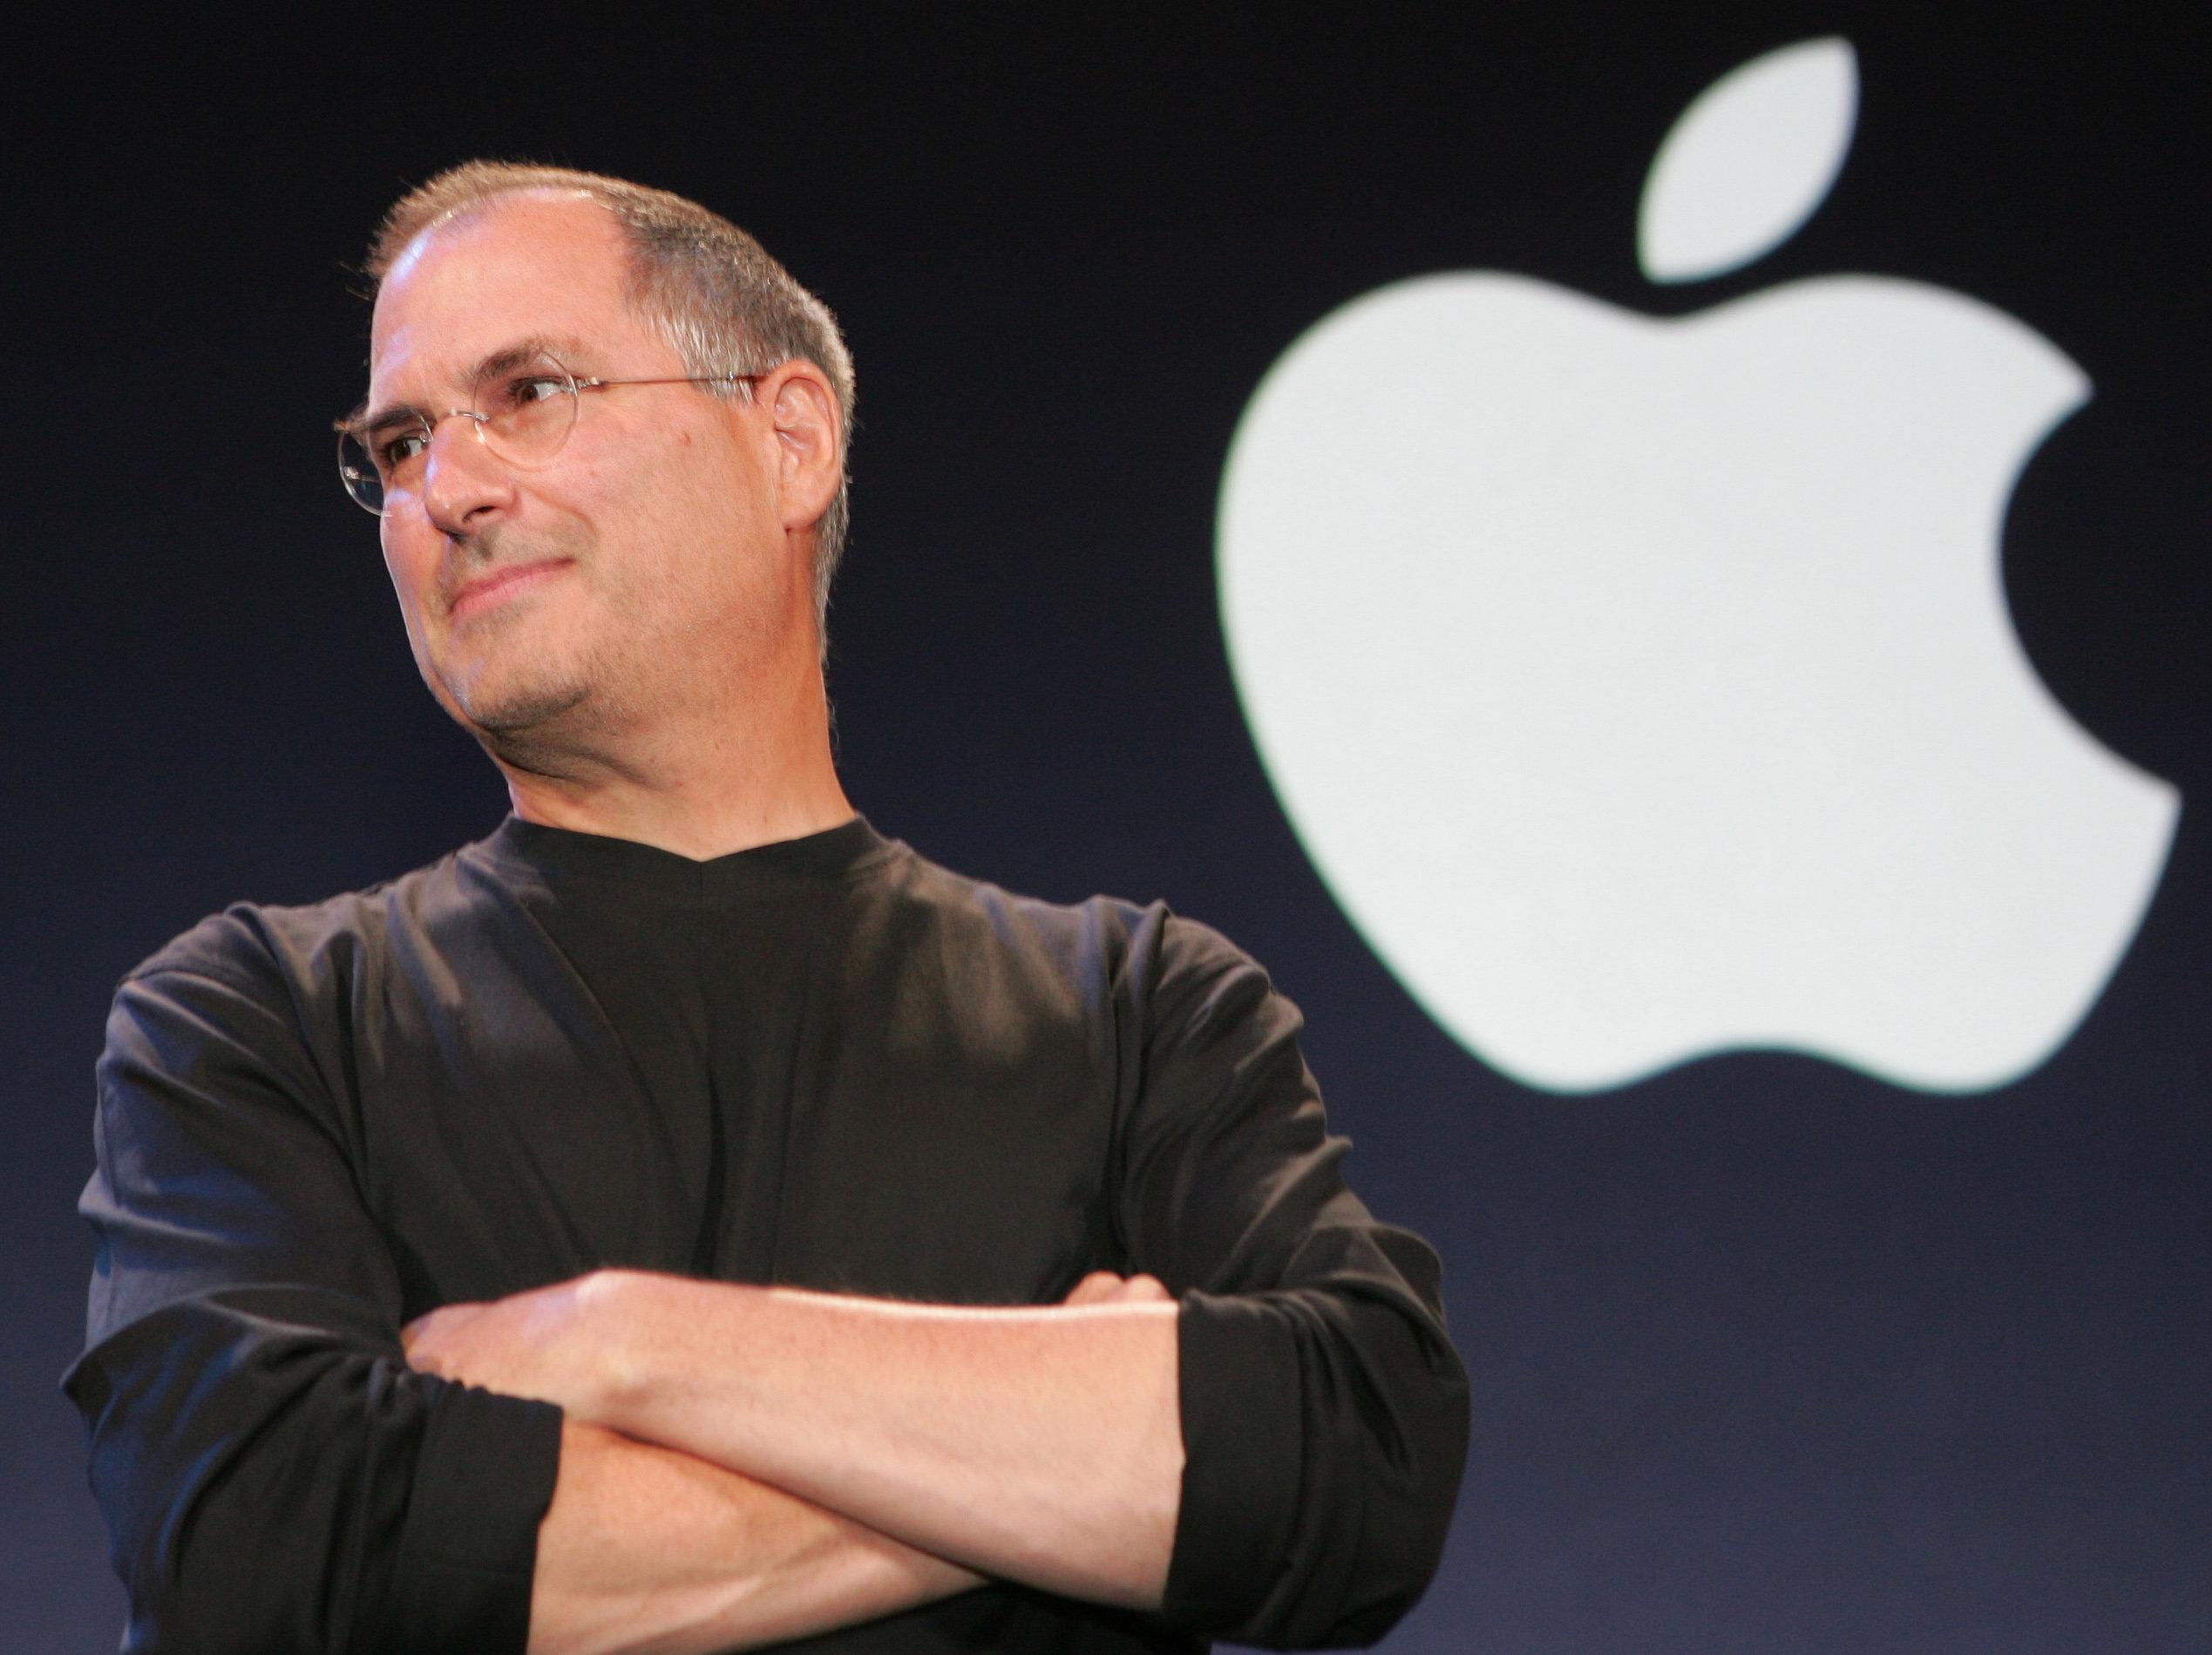 Τα μεγάλα πνεύματα συναντιούνται: Όταν ο Steve Jobs παρέδιδε μαθήματα υπολογιστή στον Andy